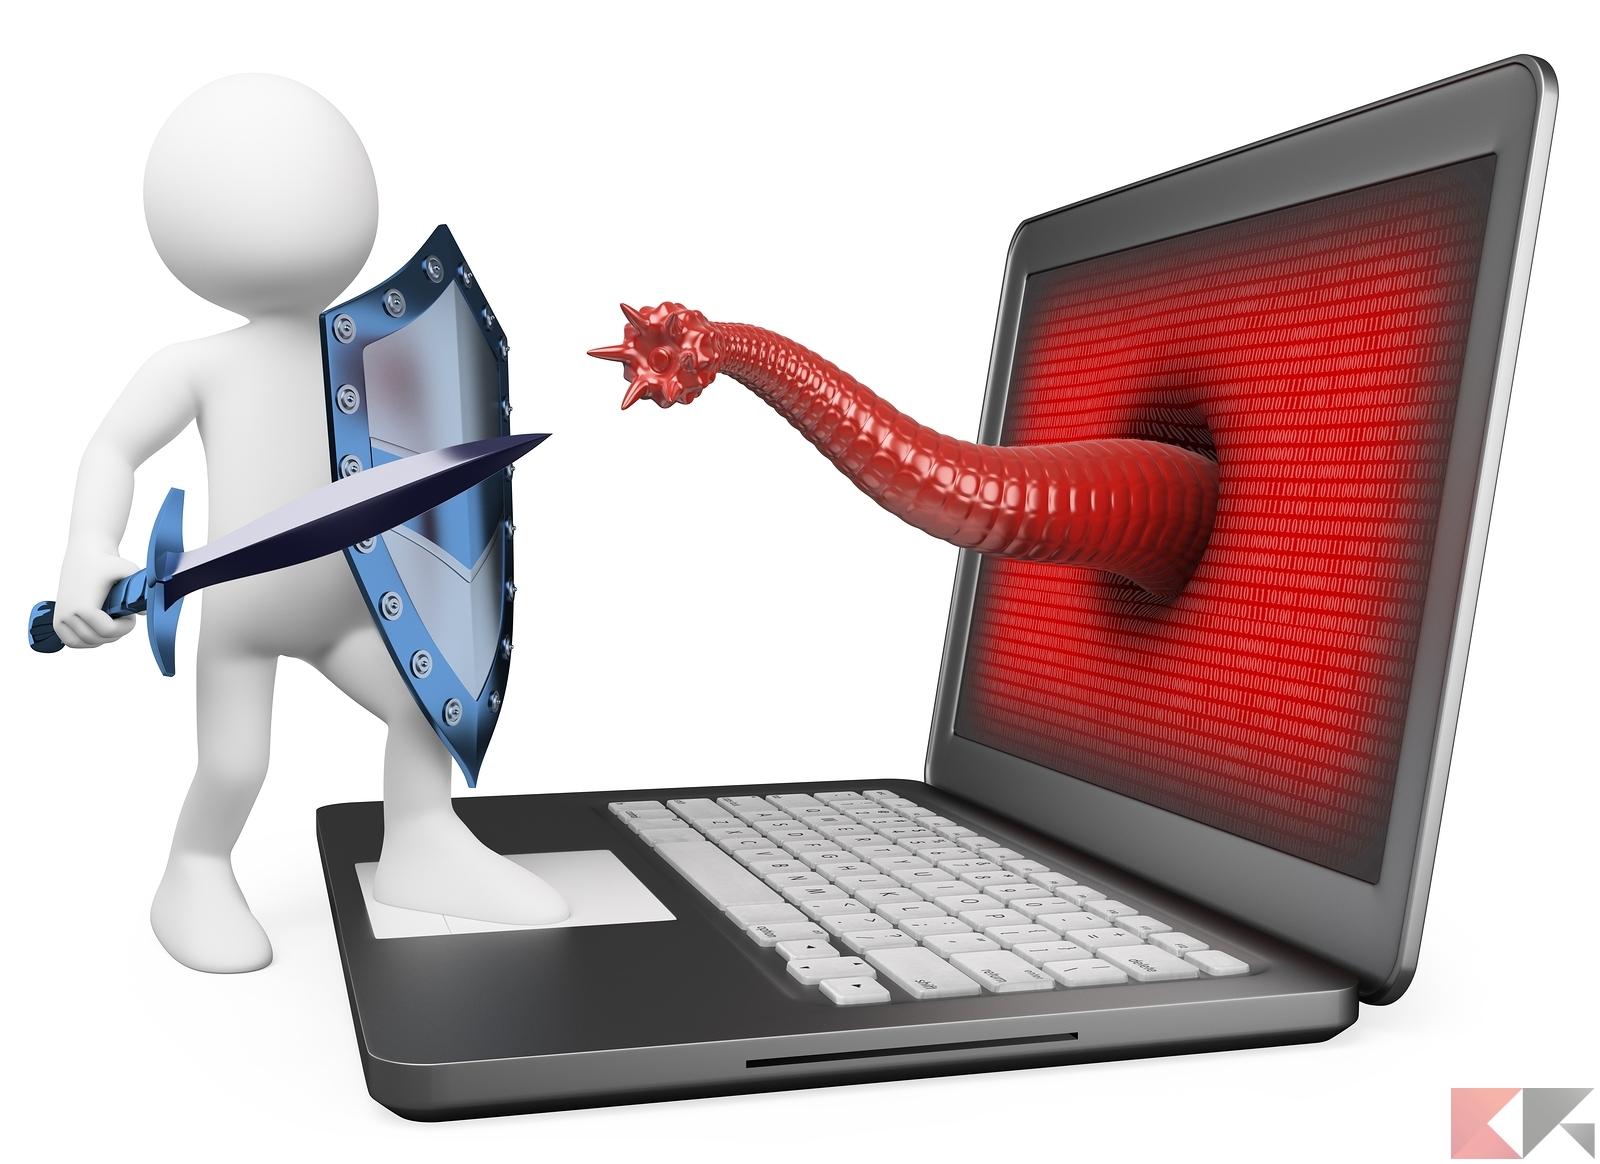 Rimuovere malware e virus: i migliori programmi